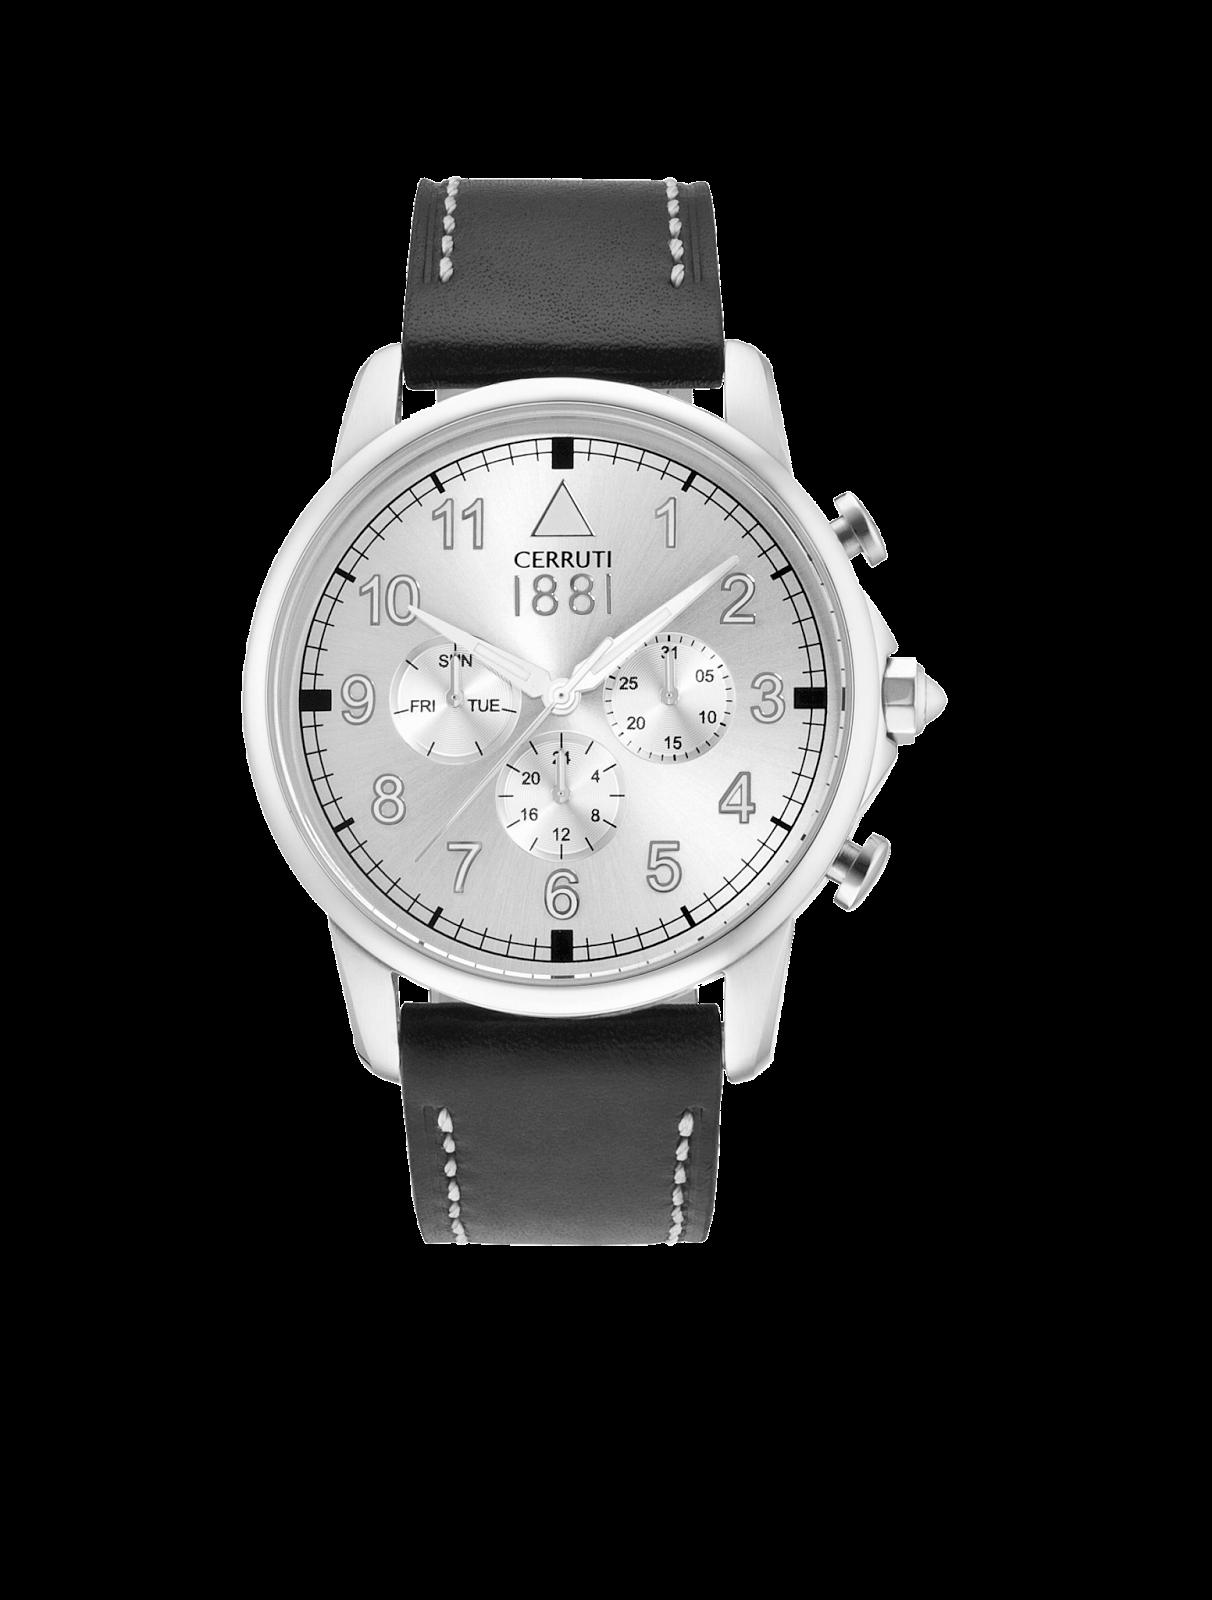 d4508eceb43 Estação Cronográfica  Chegado ao mercado - relógio Cerruti 1881 ...